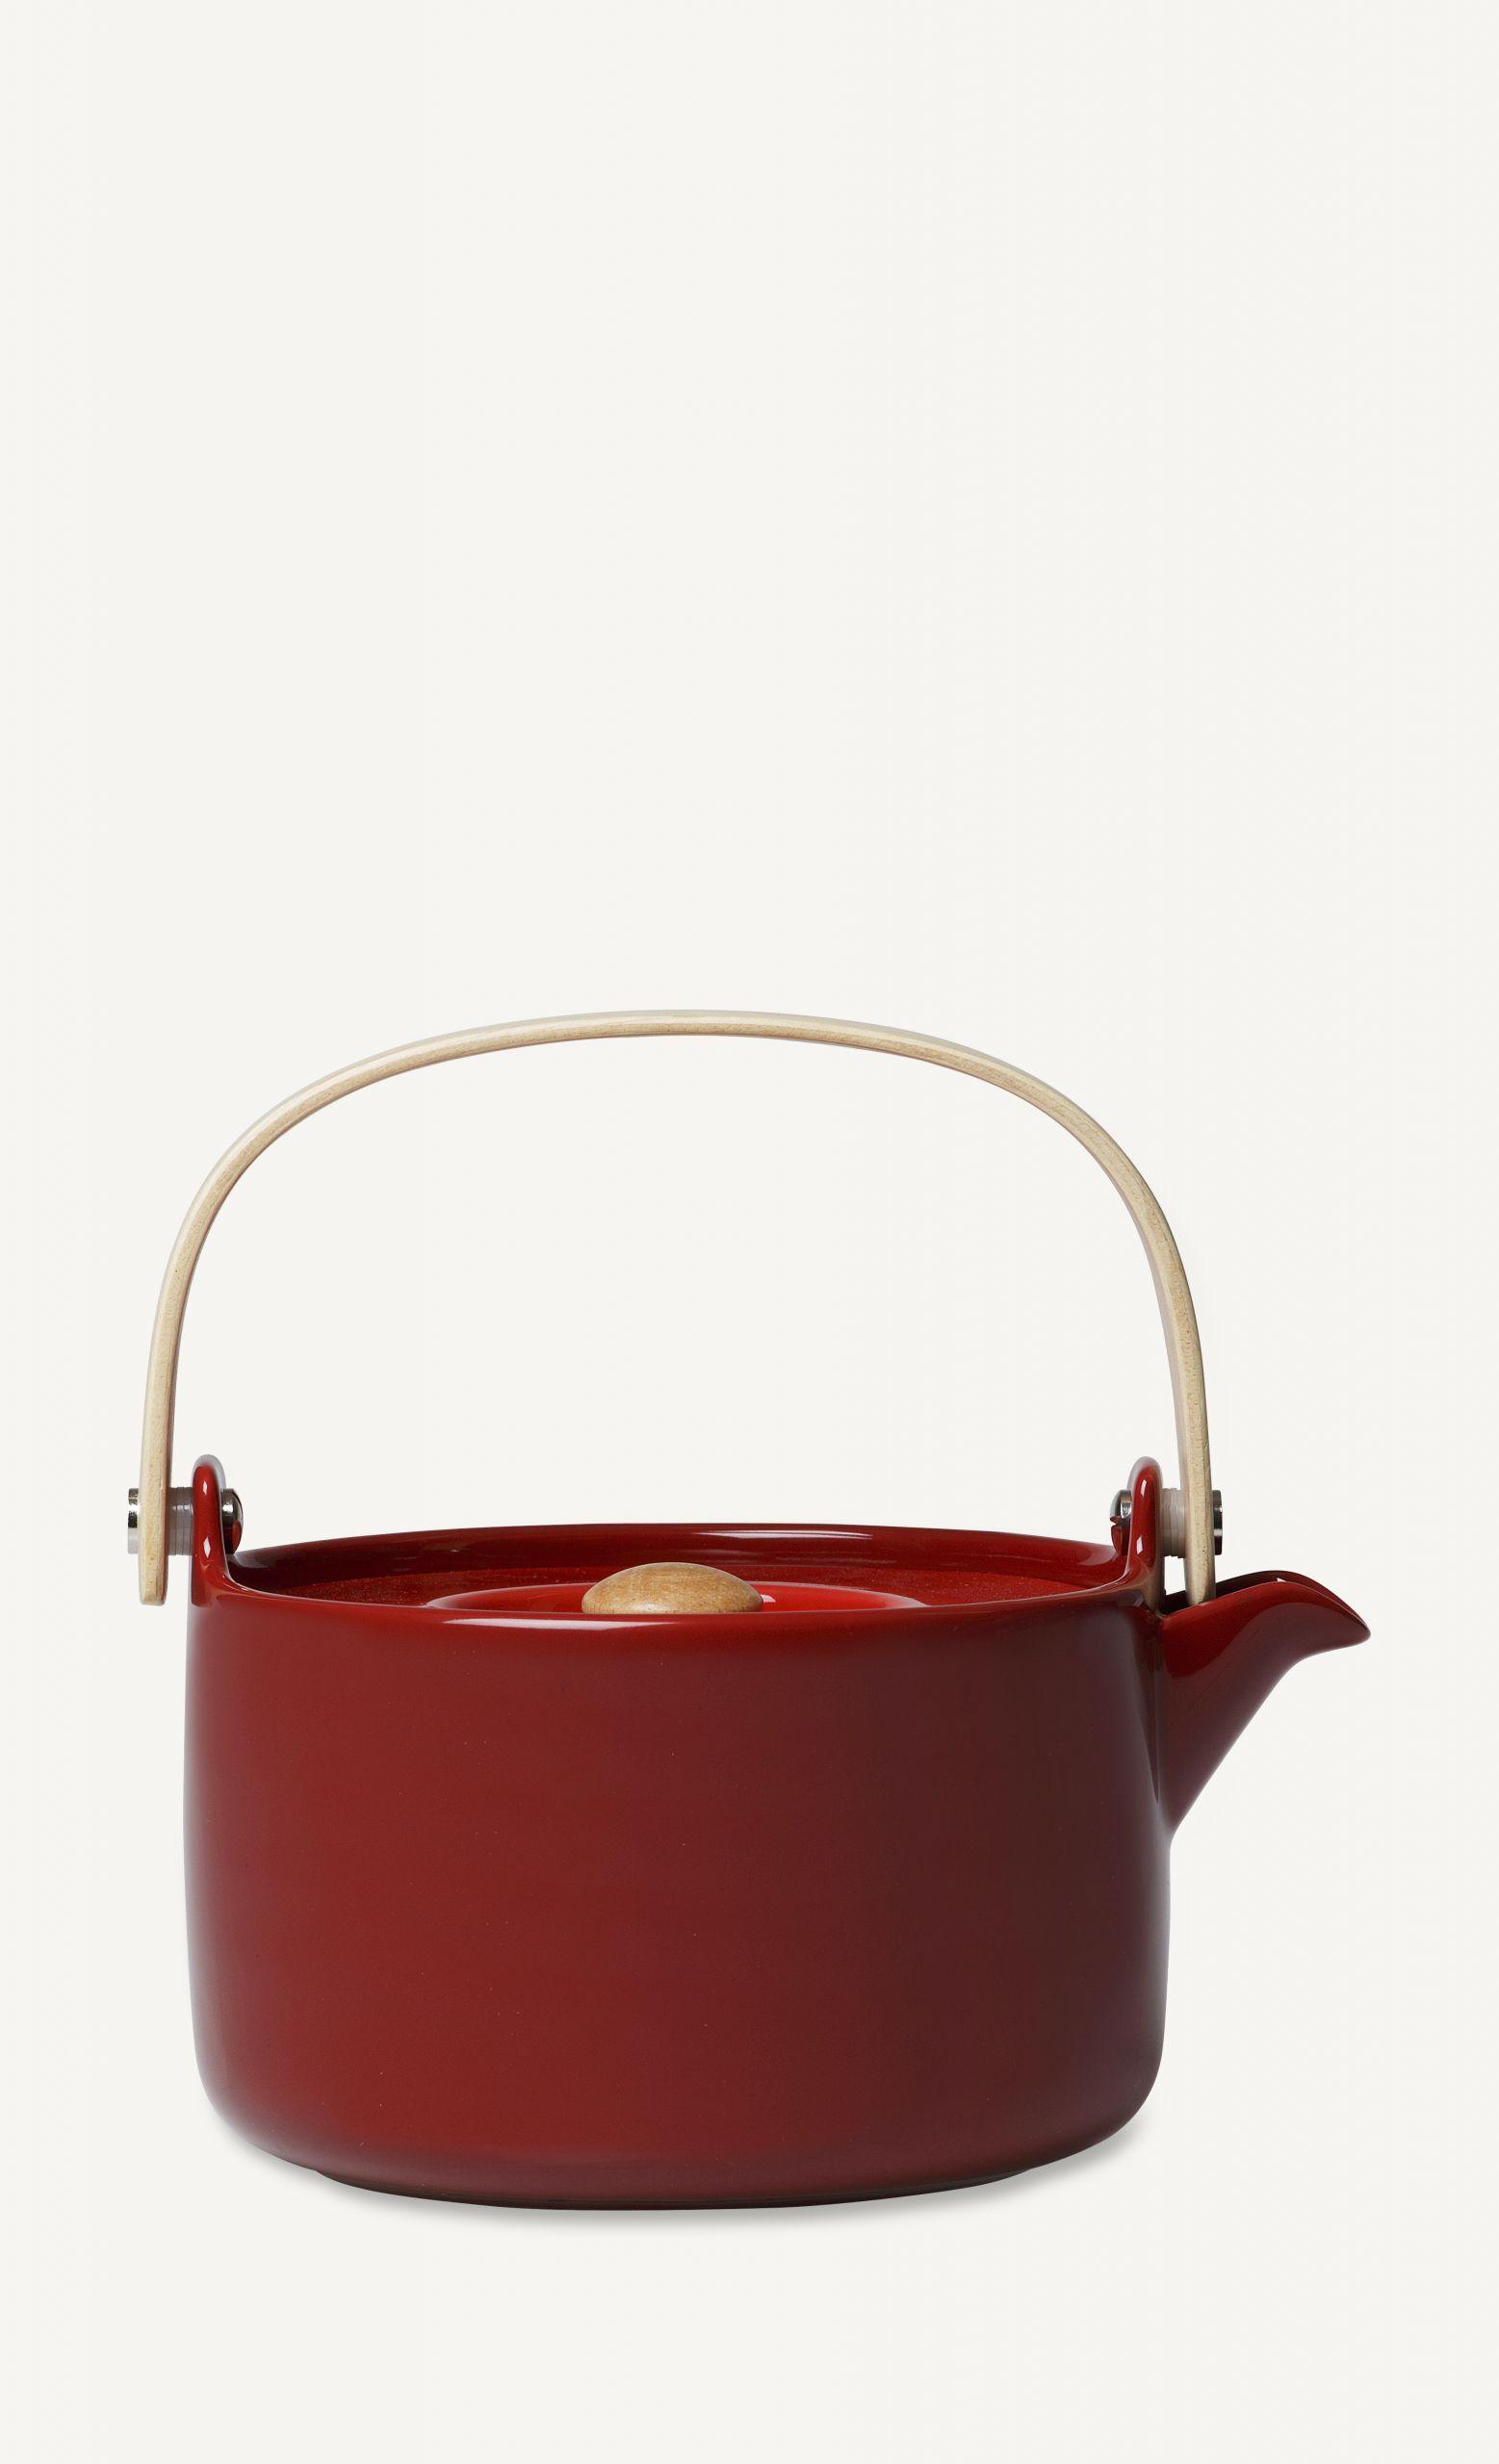 Marimekko Oiva teapot red